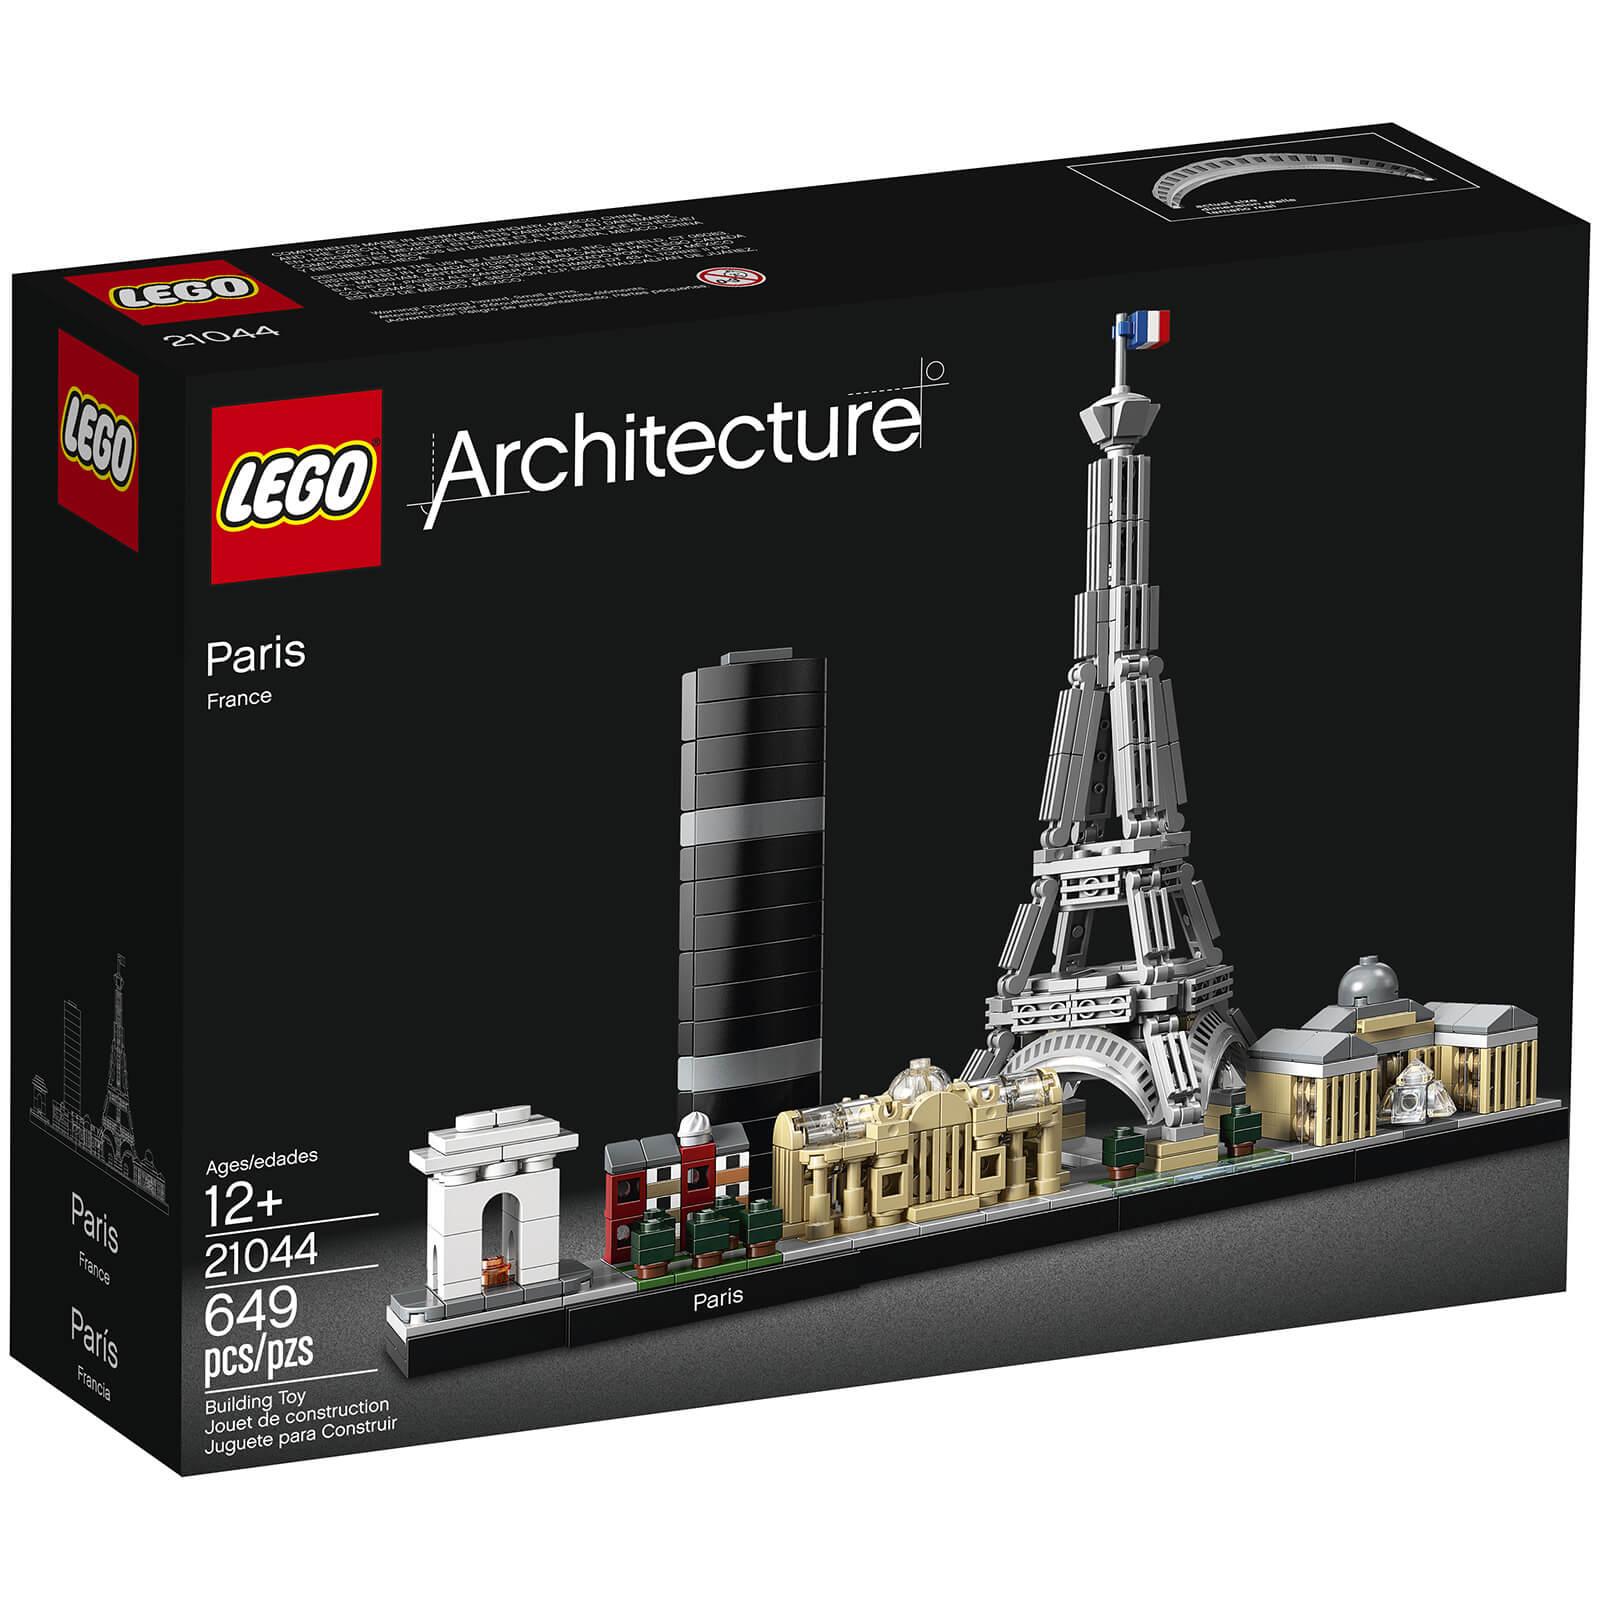 Image of 21044 LEGO® ARCHITECTURE Paris